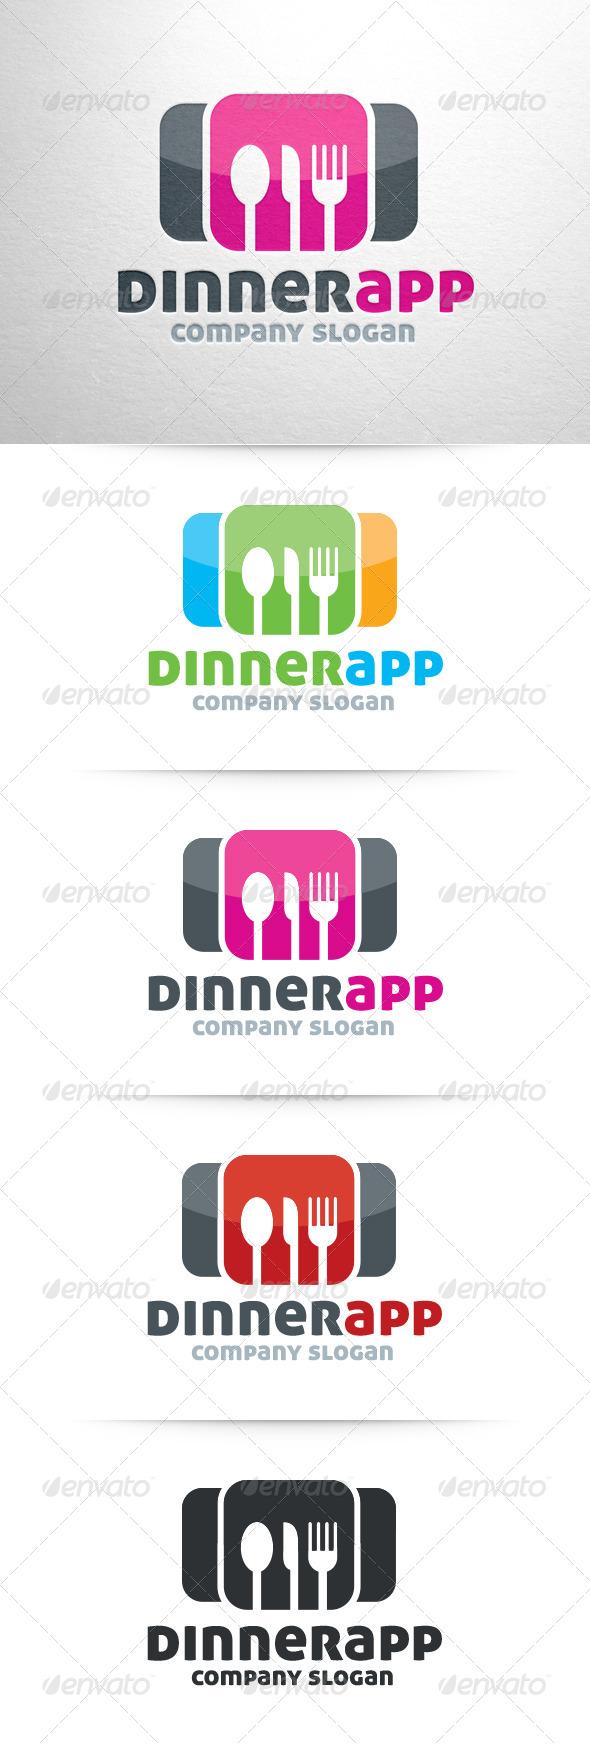 Dinner App Logo Template